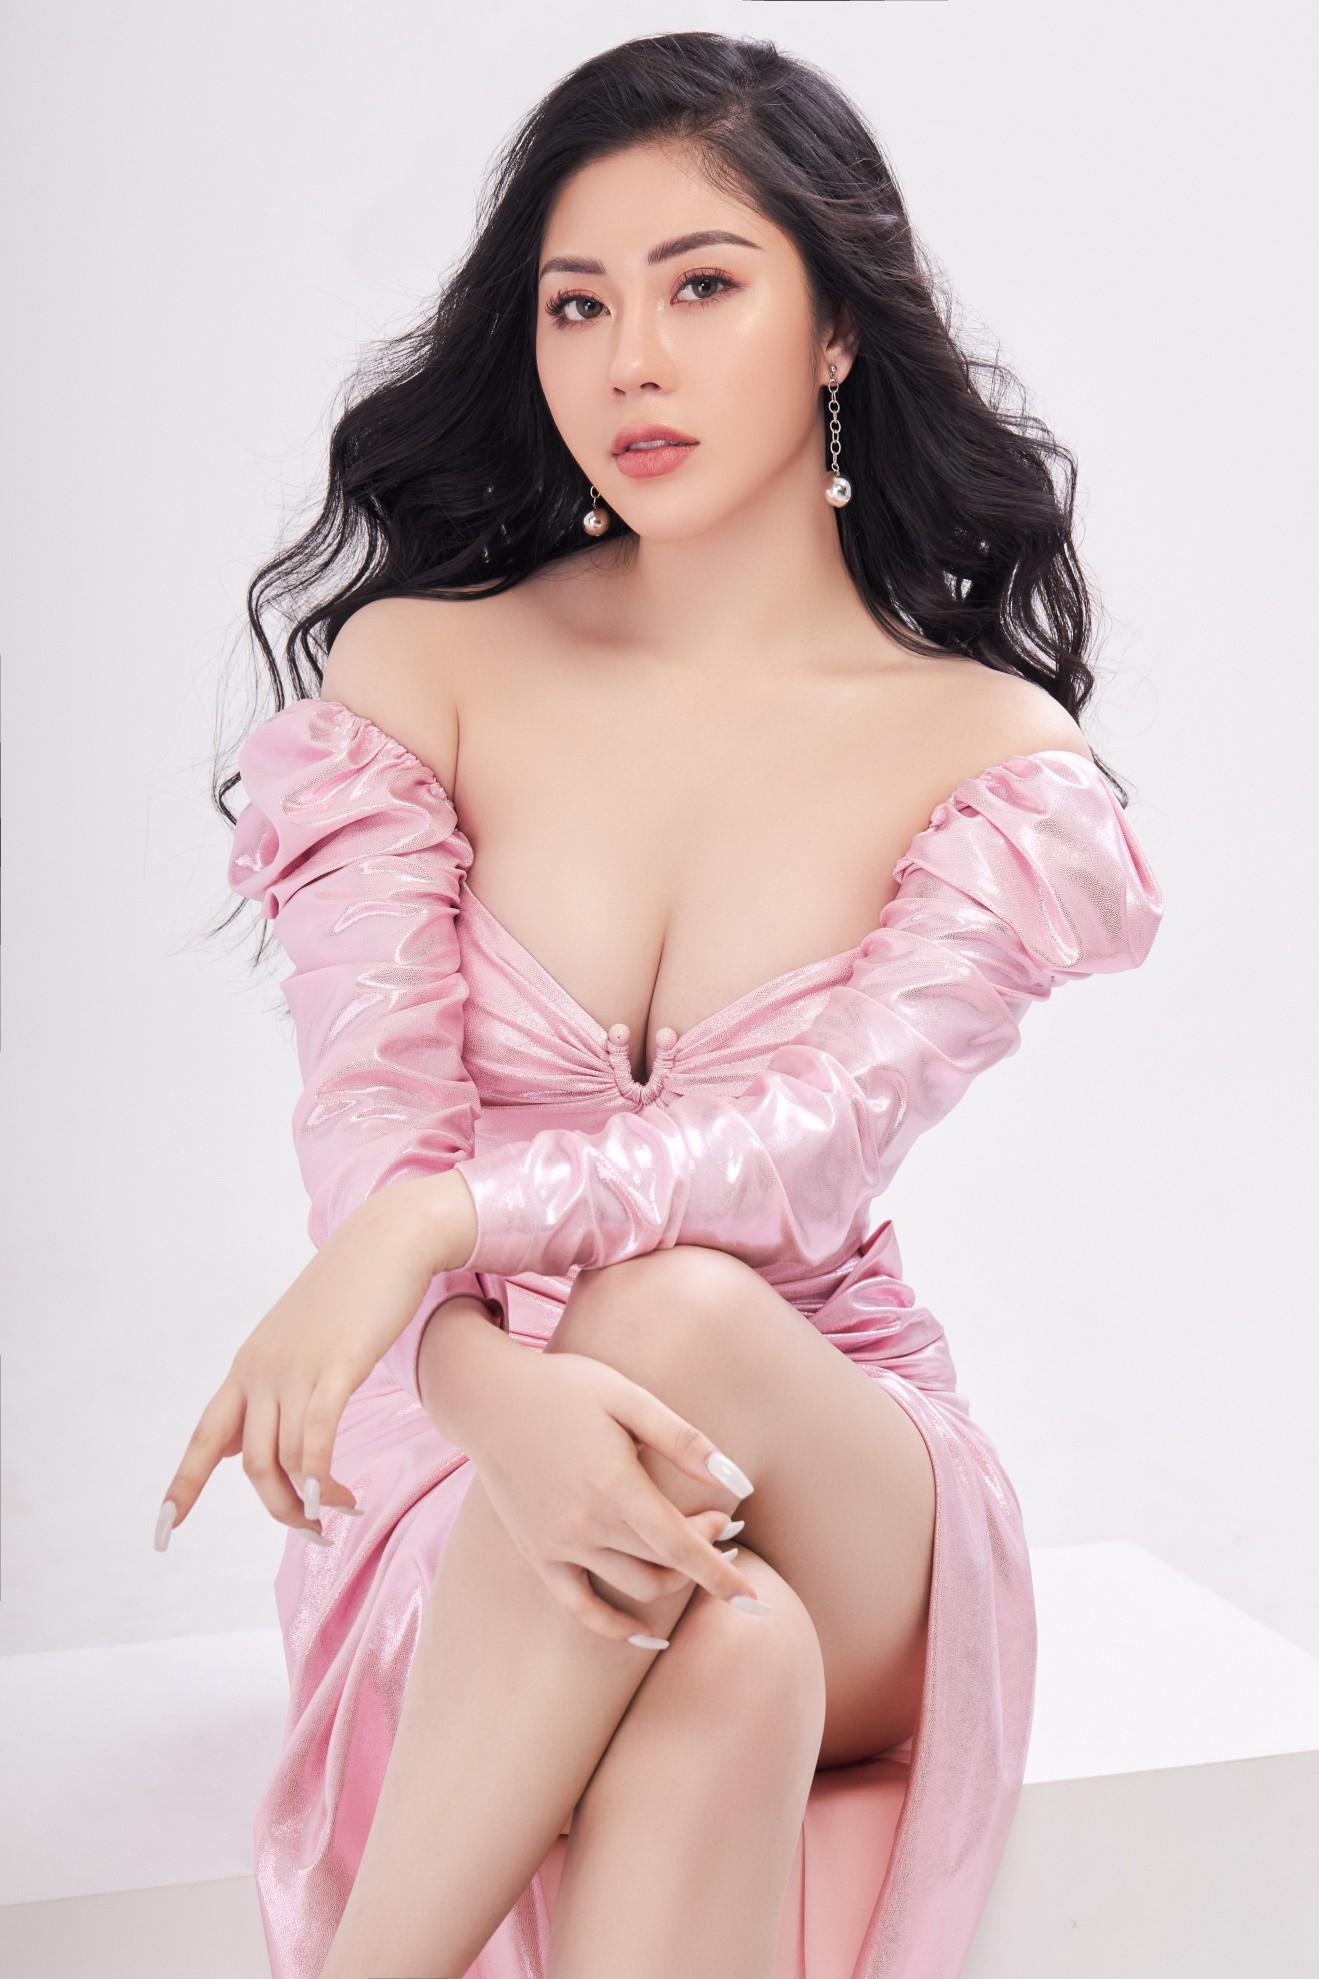 Người đẹp Tô Diệp Hà khoe vẻ gợi cảm sau 1 năm đăng quang - Ảnh 1.